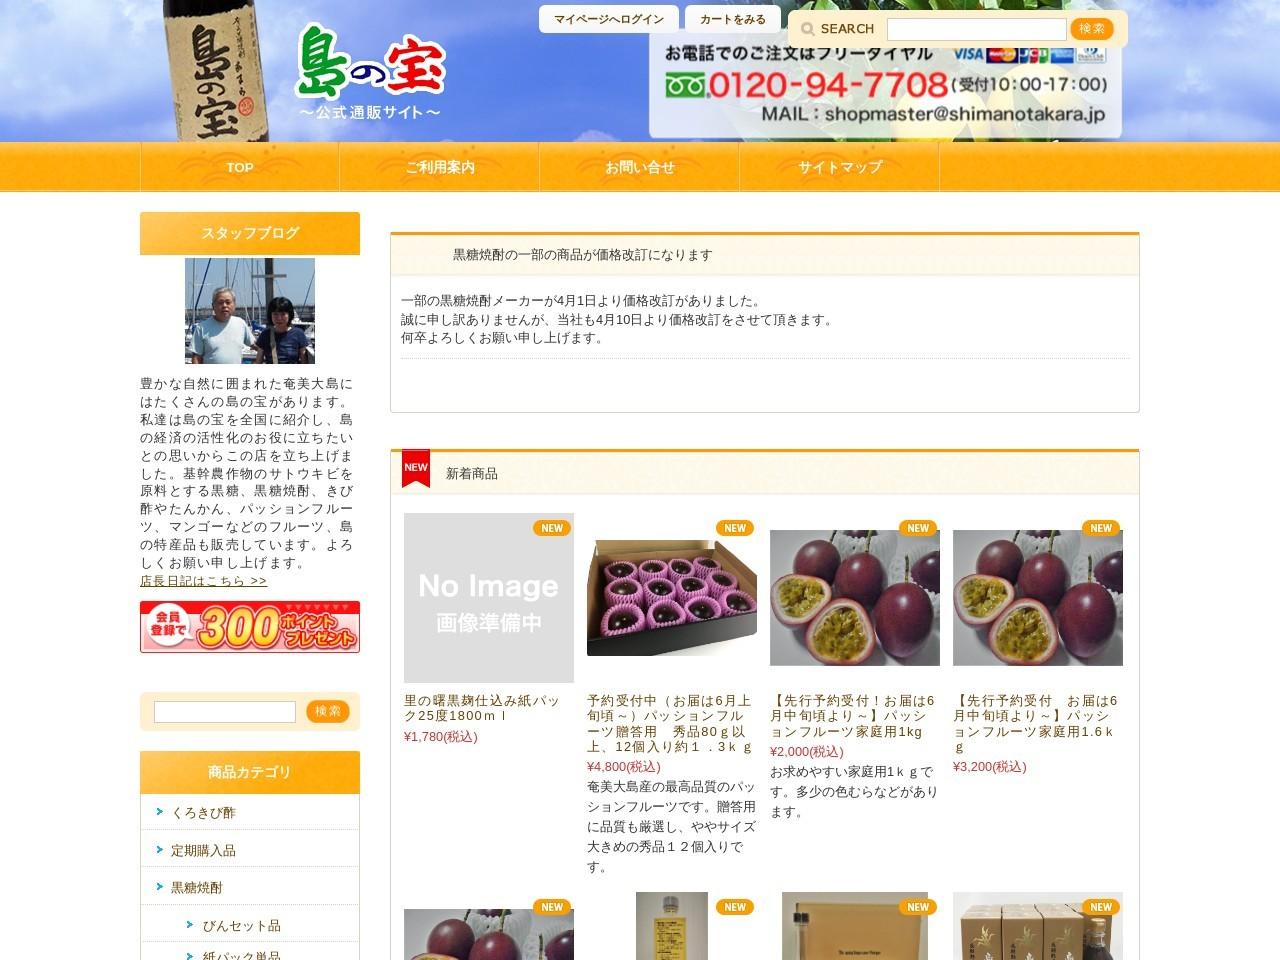 黒糖焼酎と奄美の特産品ショップ 島の宝